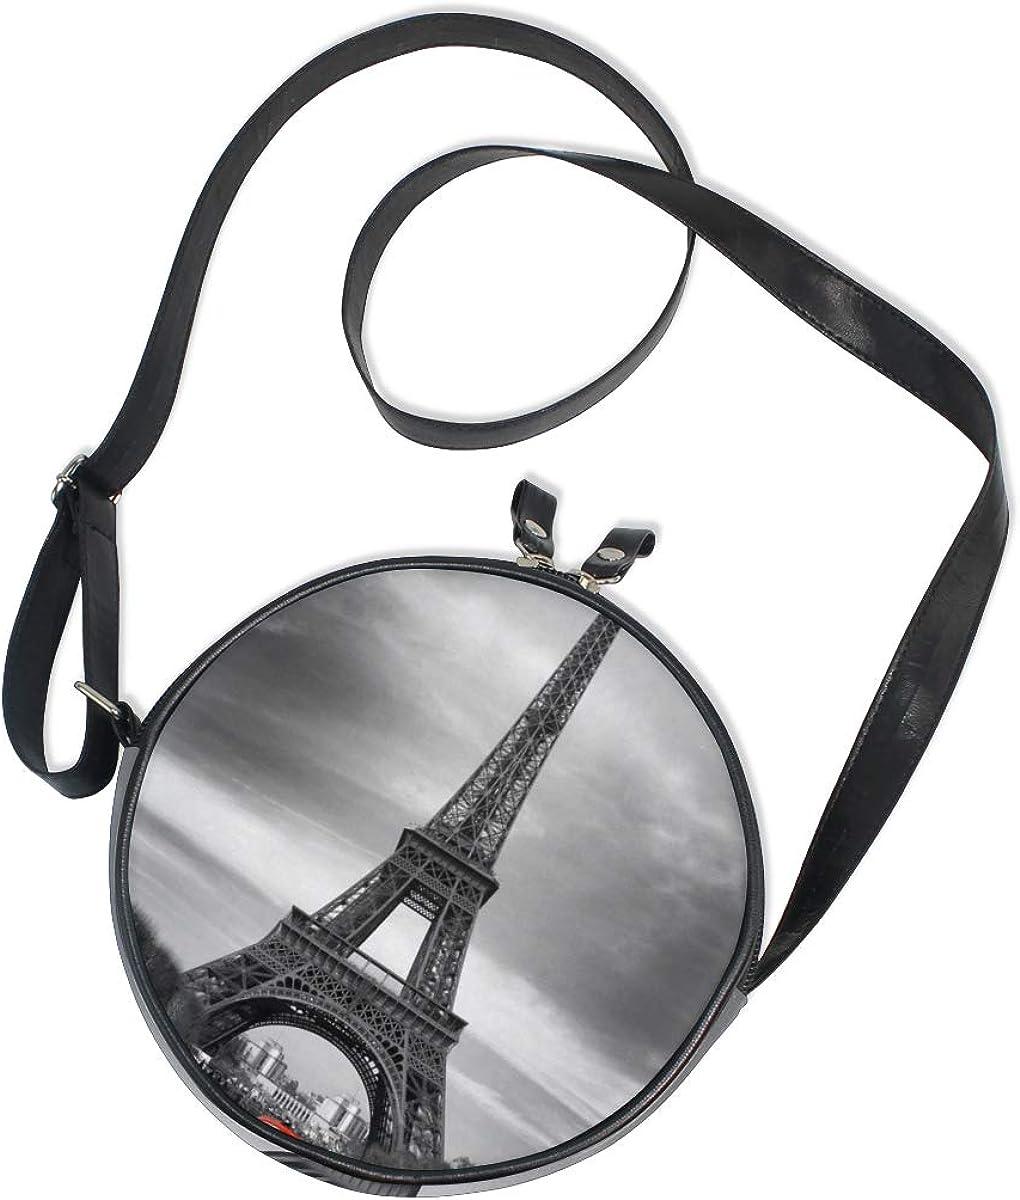 KEAKIA Eiffel Tower And Old Red Car Round Crossbody Bag Shoulder Sling Bag Handbag Purse Satchel Shoulder Bag for Kids Women